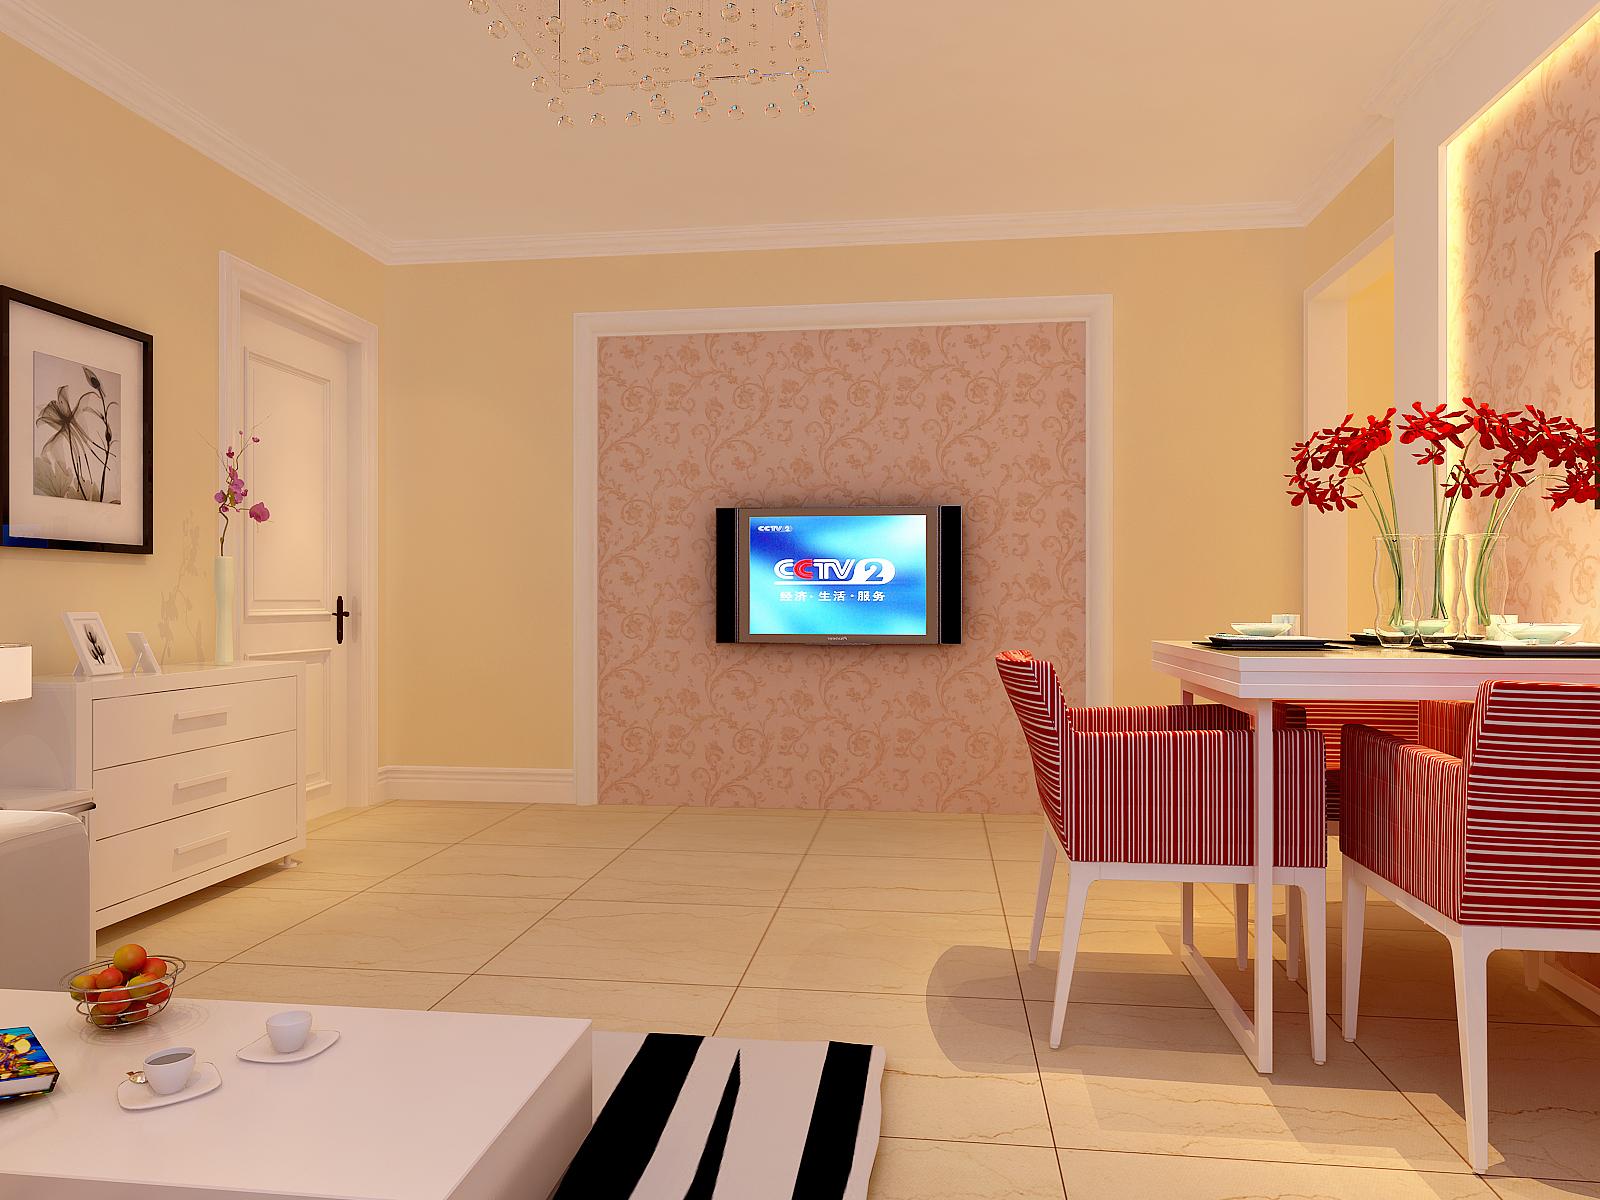 餐厅图片来自今朝装饰小徐在弘善家园 80平现代风格的分享